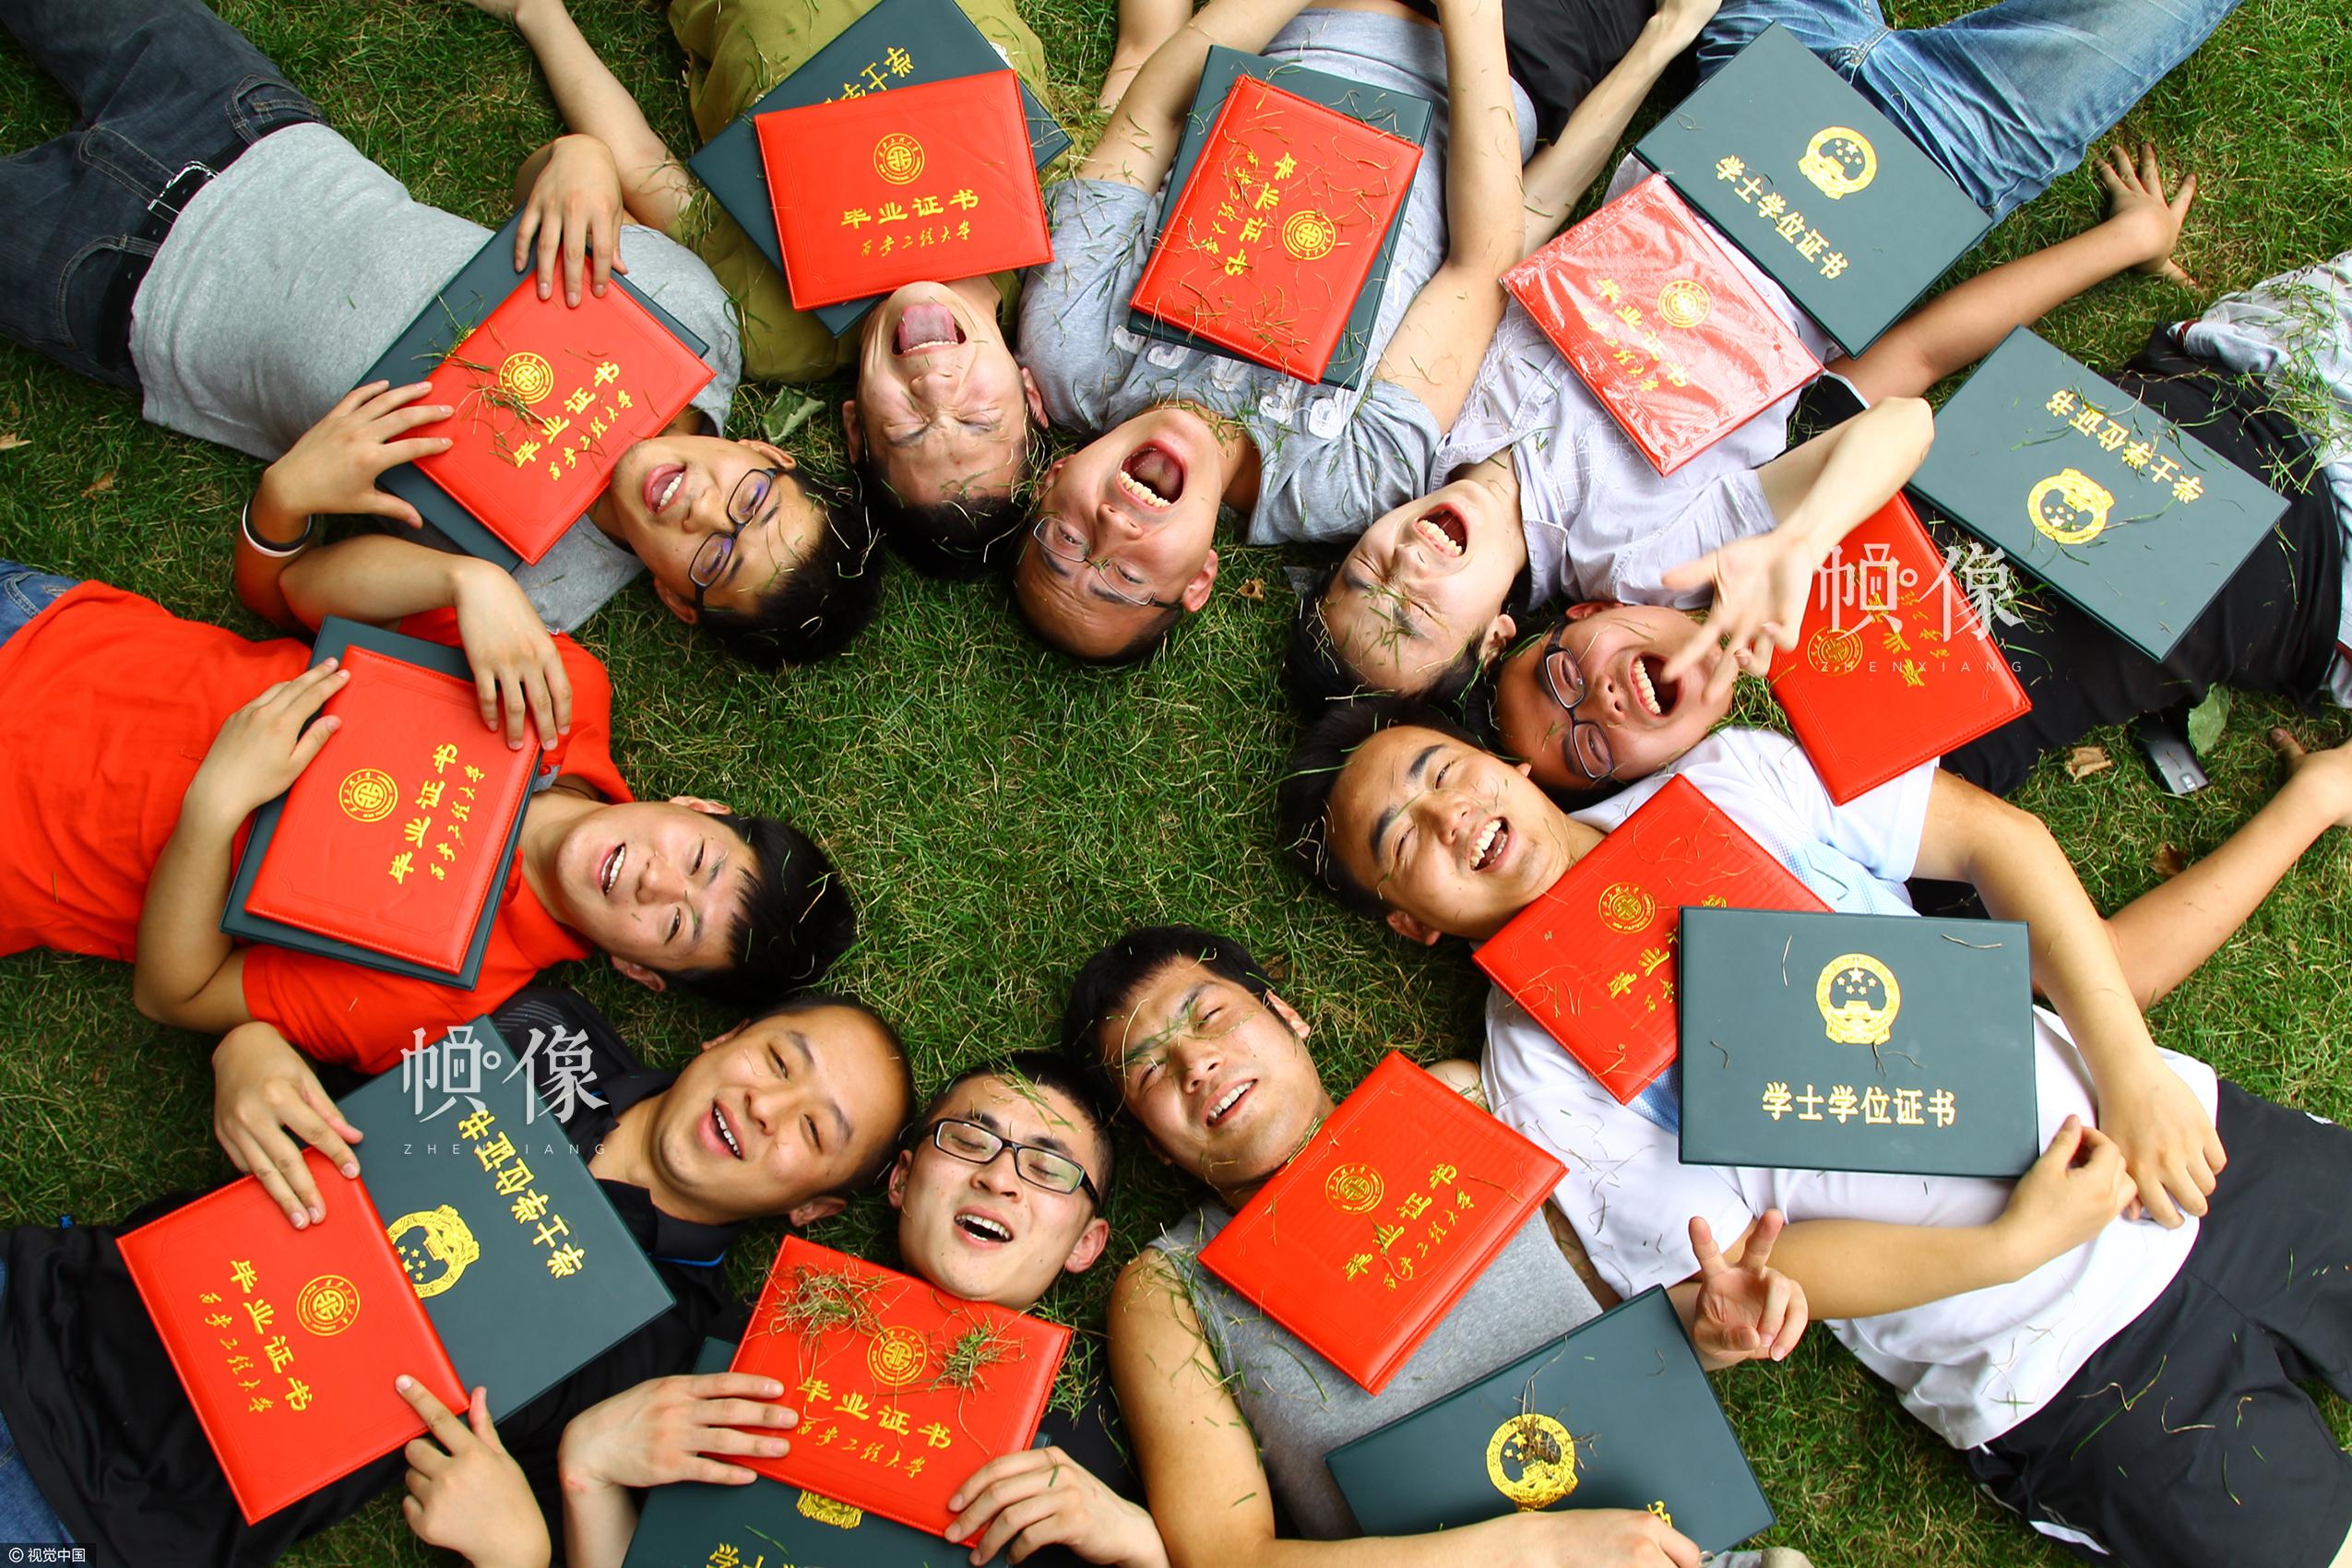 2012年6月28日,西安工程大学校园内,2008届艺术设计班的几位同学拿着毕业证和学位证躺在草地上。吕松杨是其中一位,他说现在的大学生多得犹如地上的青草,但我们愿从草根做起,拾级而上为梦想拼搏。视觉中国供图